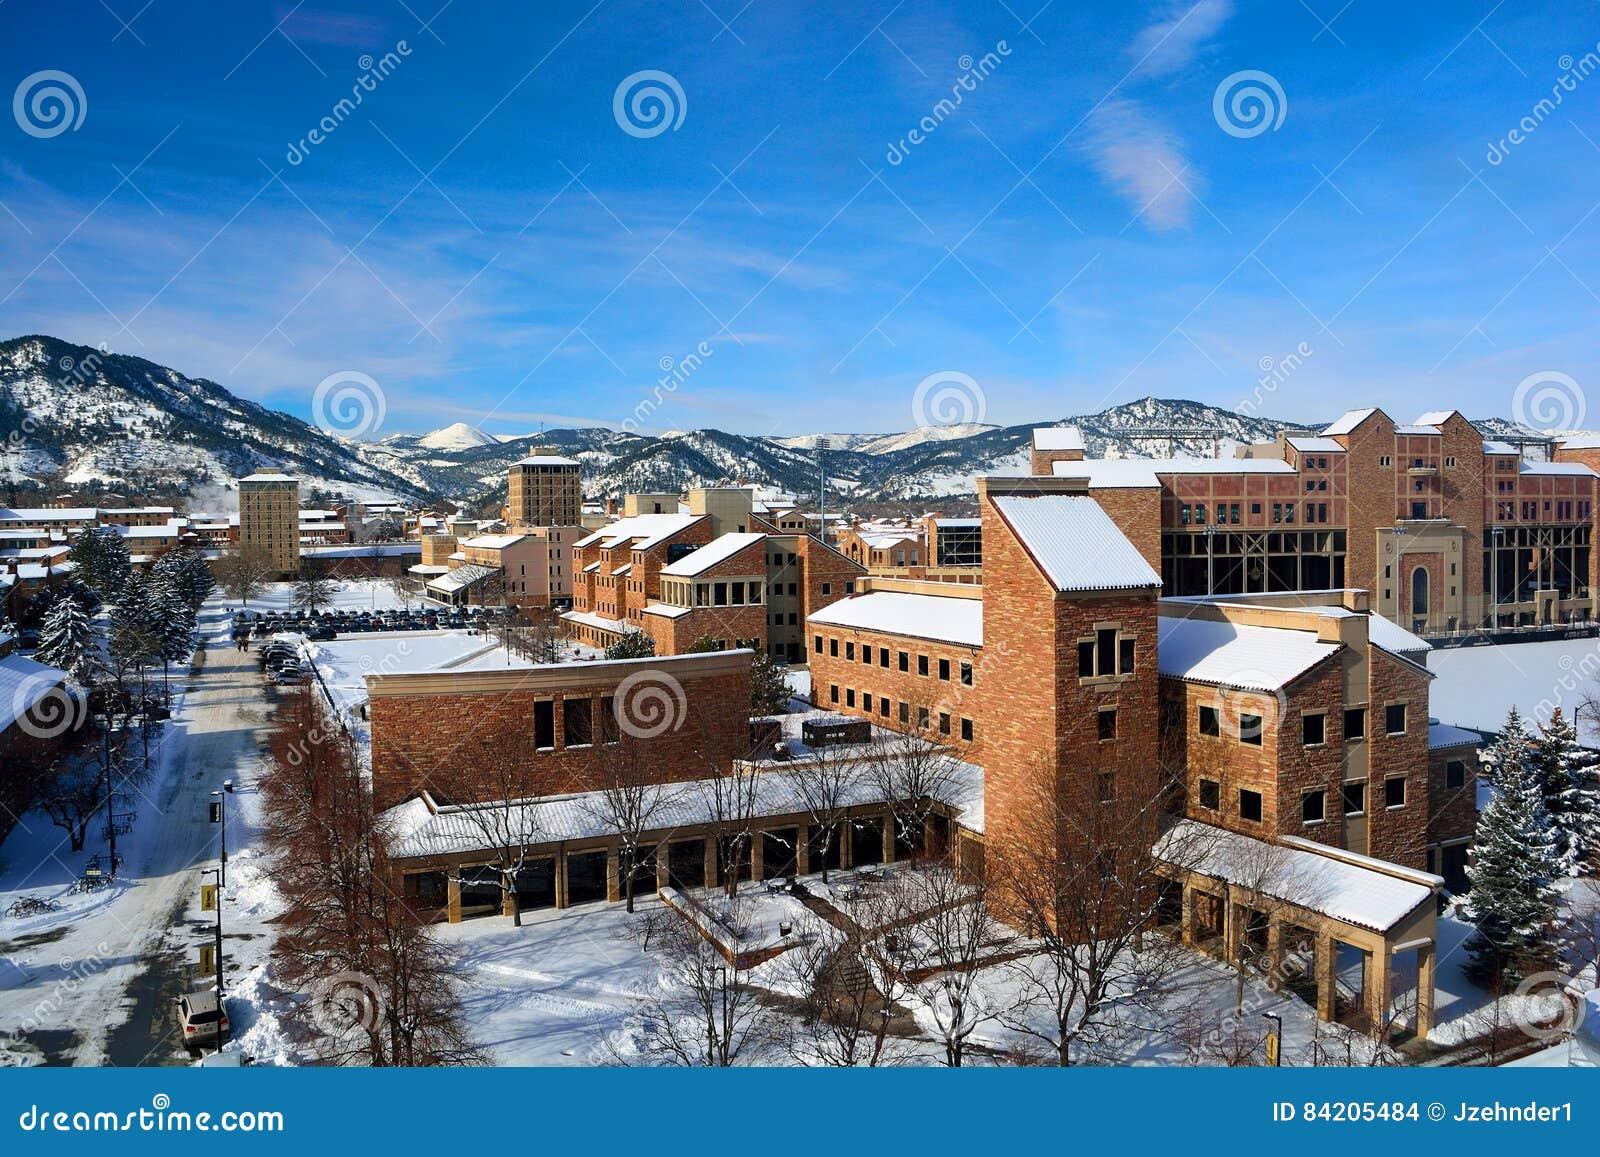 科罗拉多大学巨石城校园在一个斯诺伊冬日